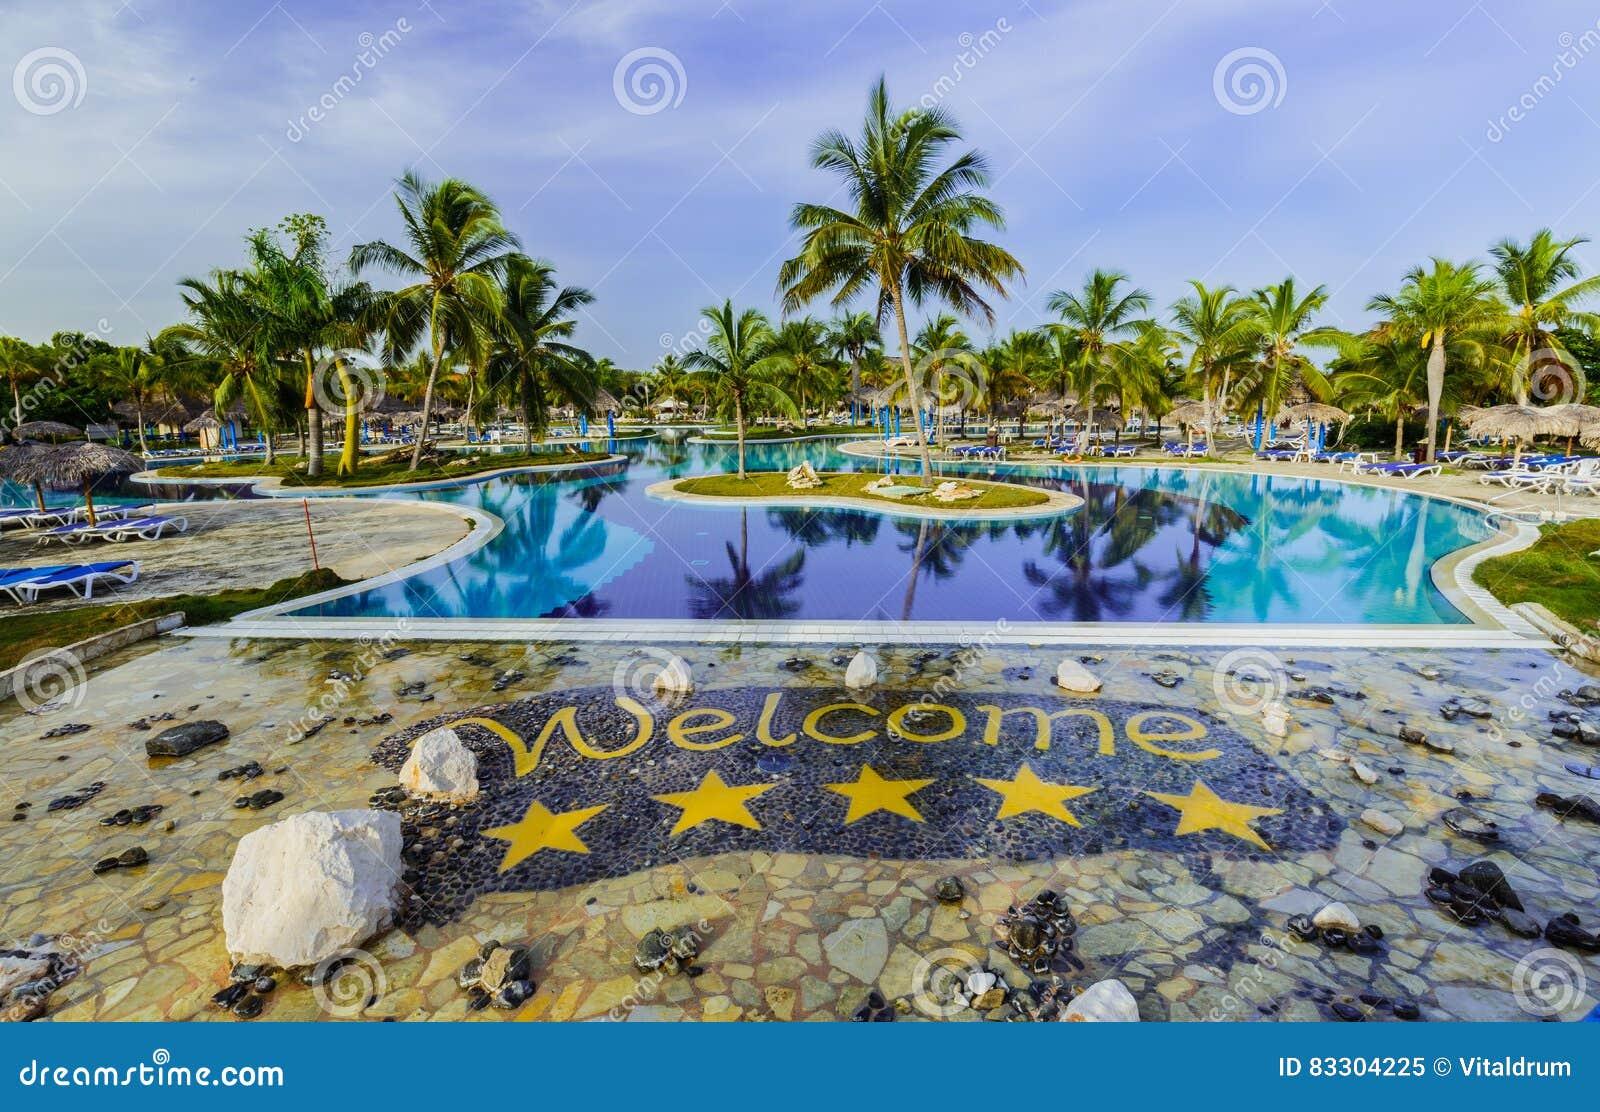 Vista d invito splendida dei motivi di lusso dell hotel e della piscina in  giardino tropicale d5d4051f1585